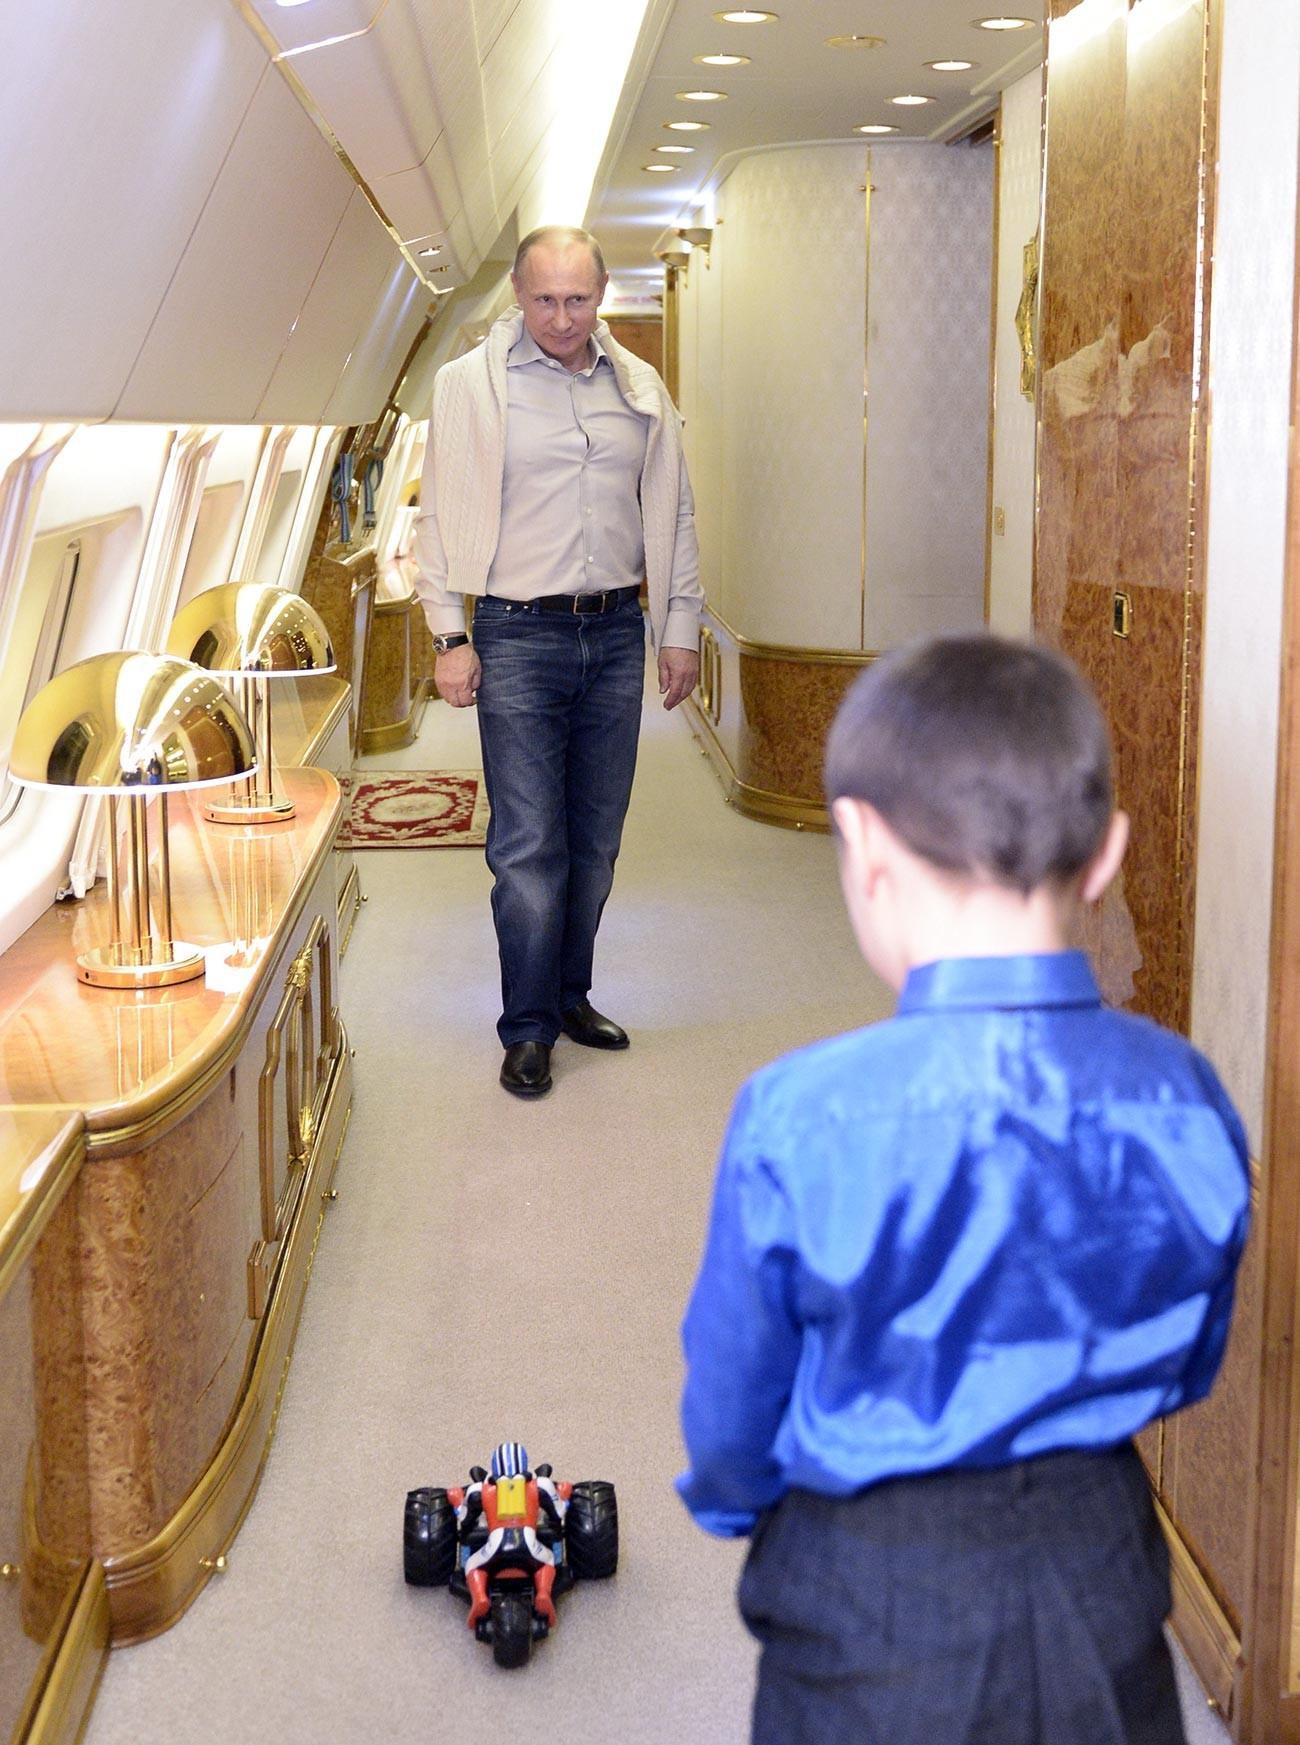 Vladimir Putin dan putra Bair Banzaraktsayev, personel militer yang tewas saat bertugas dalam penyelamatan selama banjir di Timur Jauh Rusia.